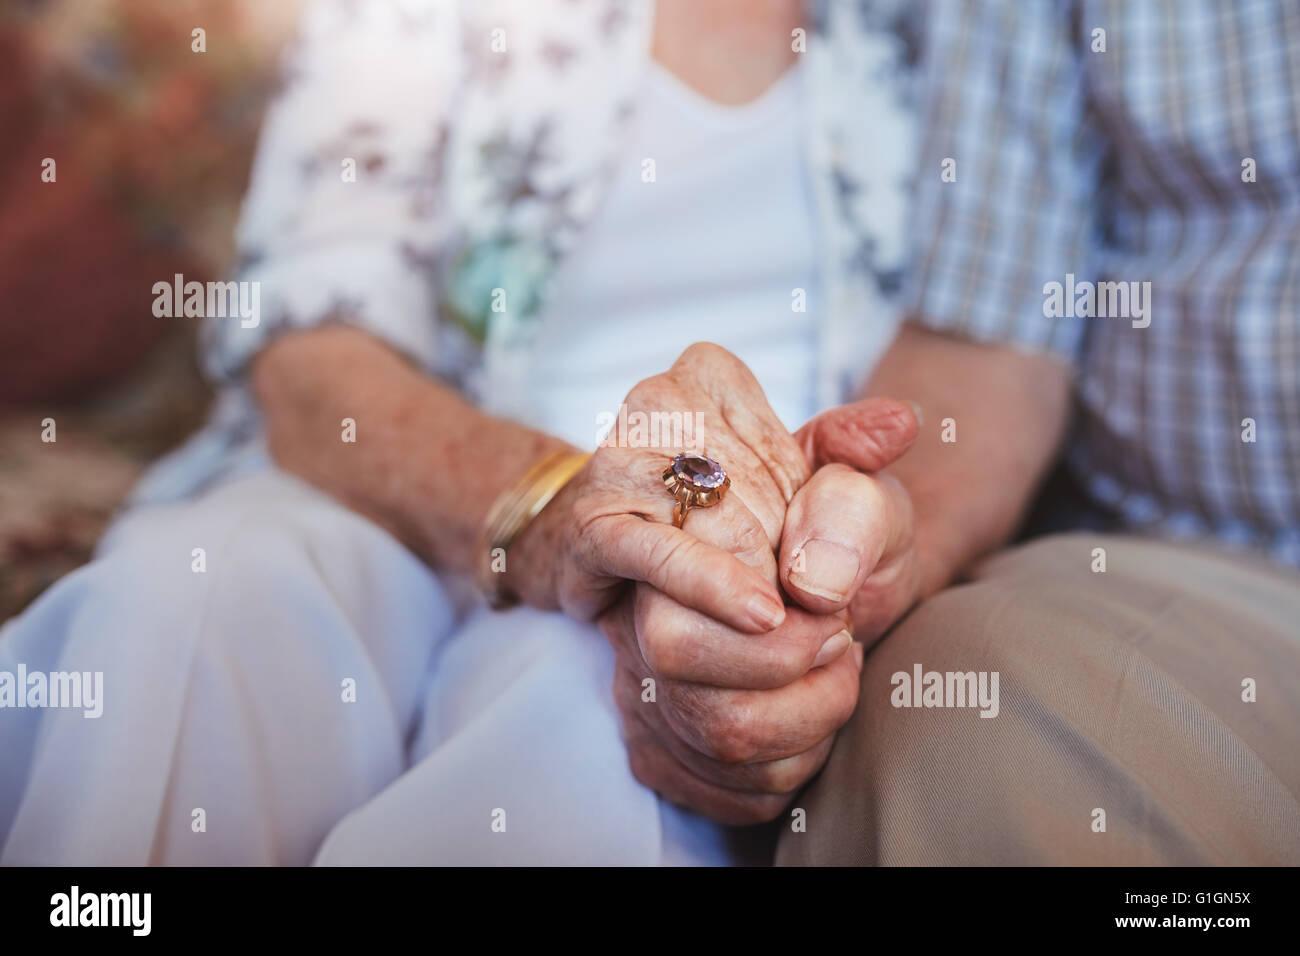 Beschnitten, Schuss älteres Ehepaar Hand in Hand beim Sitzen zu Hause zusammen. Konzentrieren Sie sich auf Stockbild